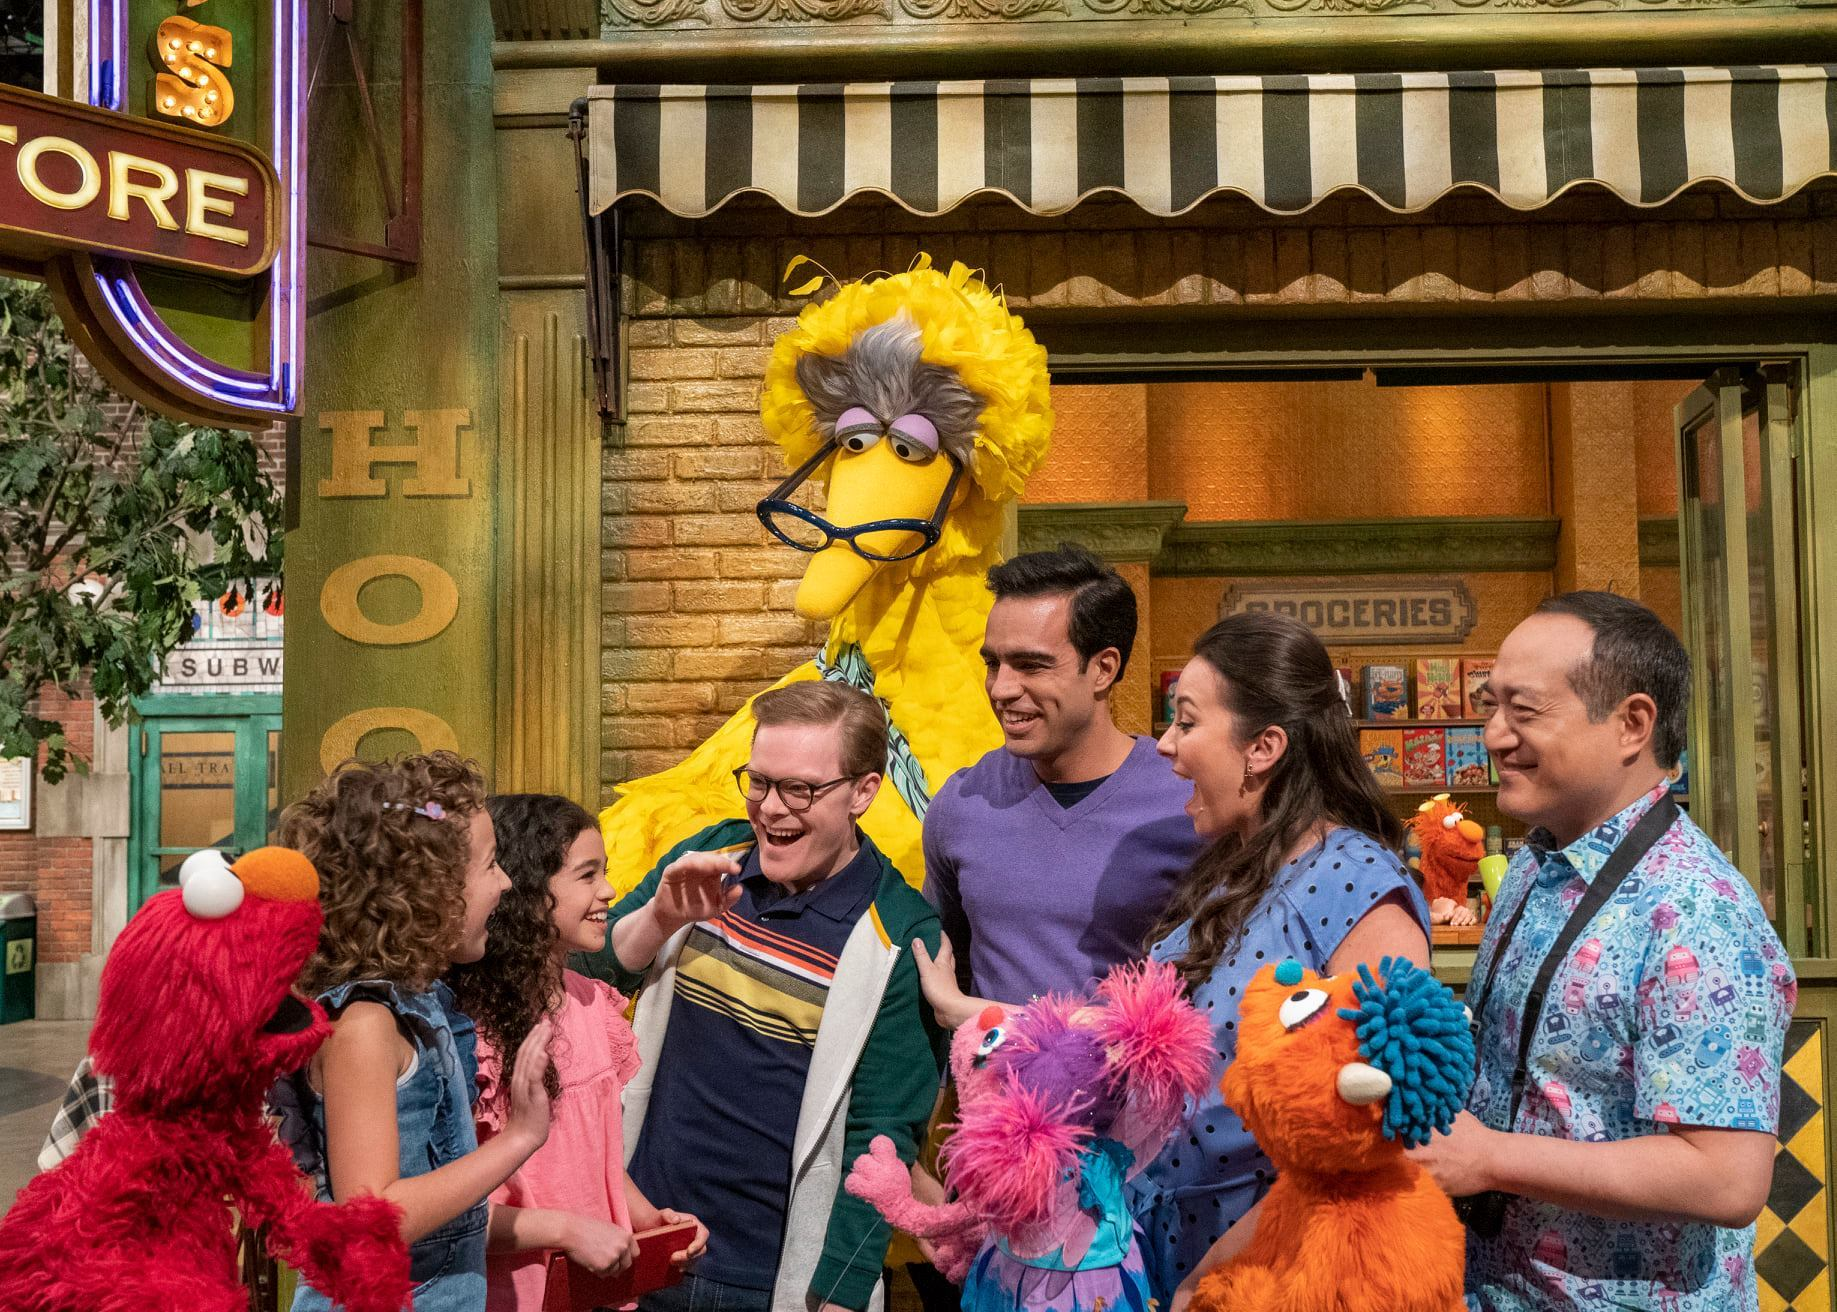 La presentación de Dave y Frank en Sesame Street.